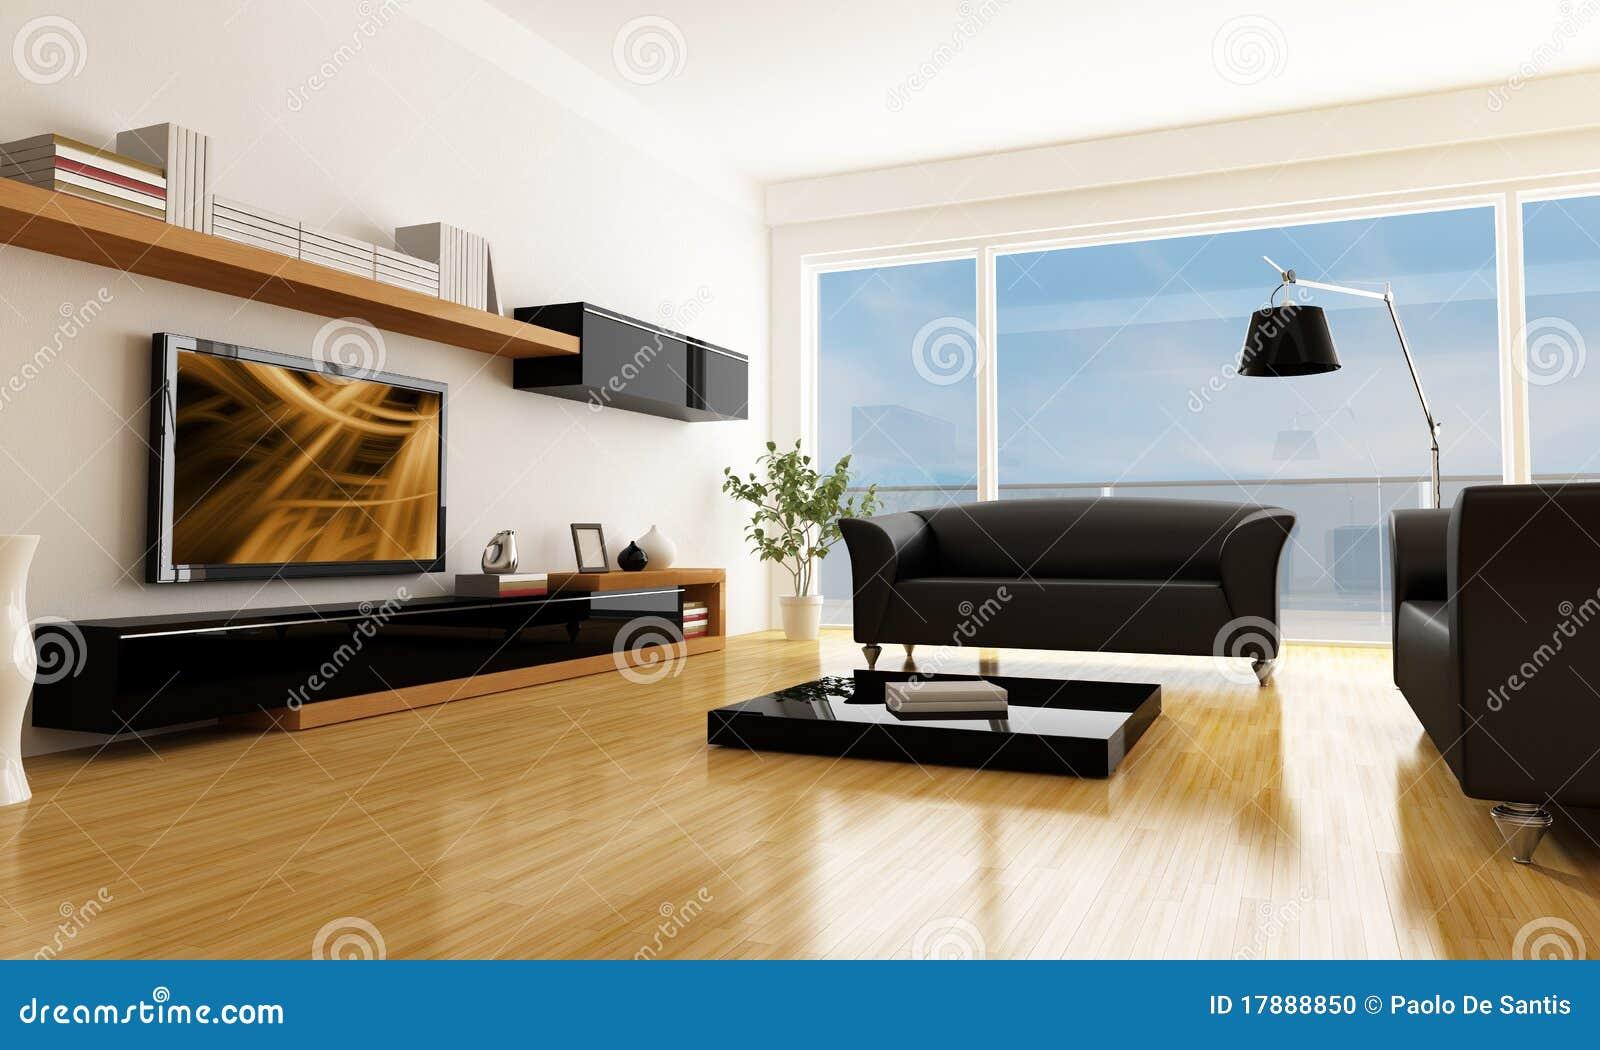 Sala De Estar Moderna Com Tv ~ Sala De Estar Moderna Foto de archivo  Imagen 17888850